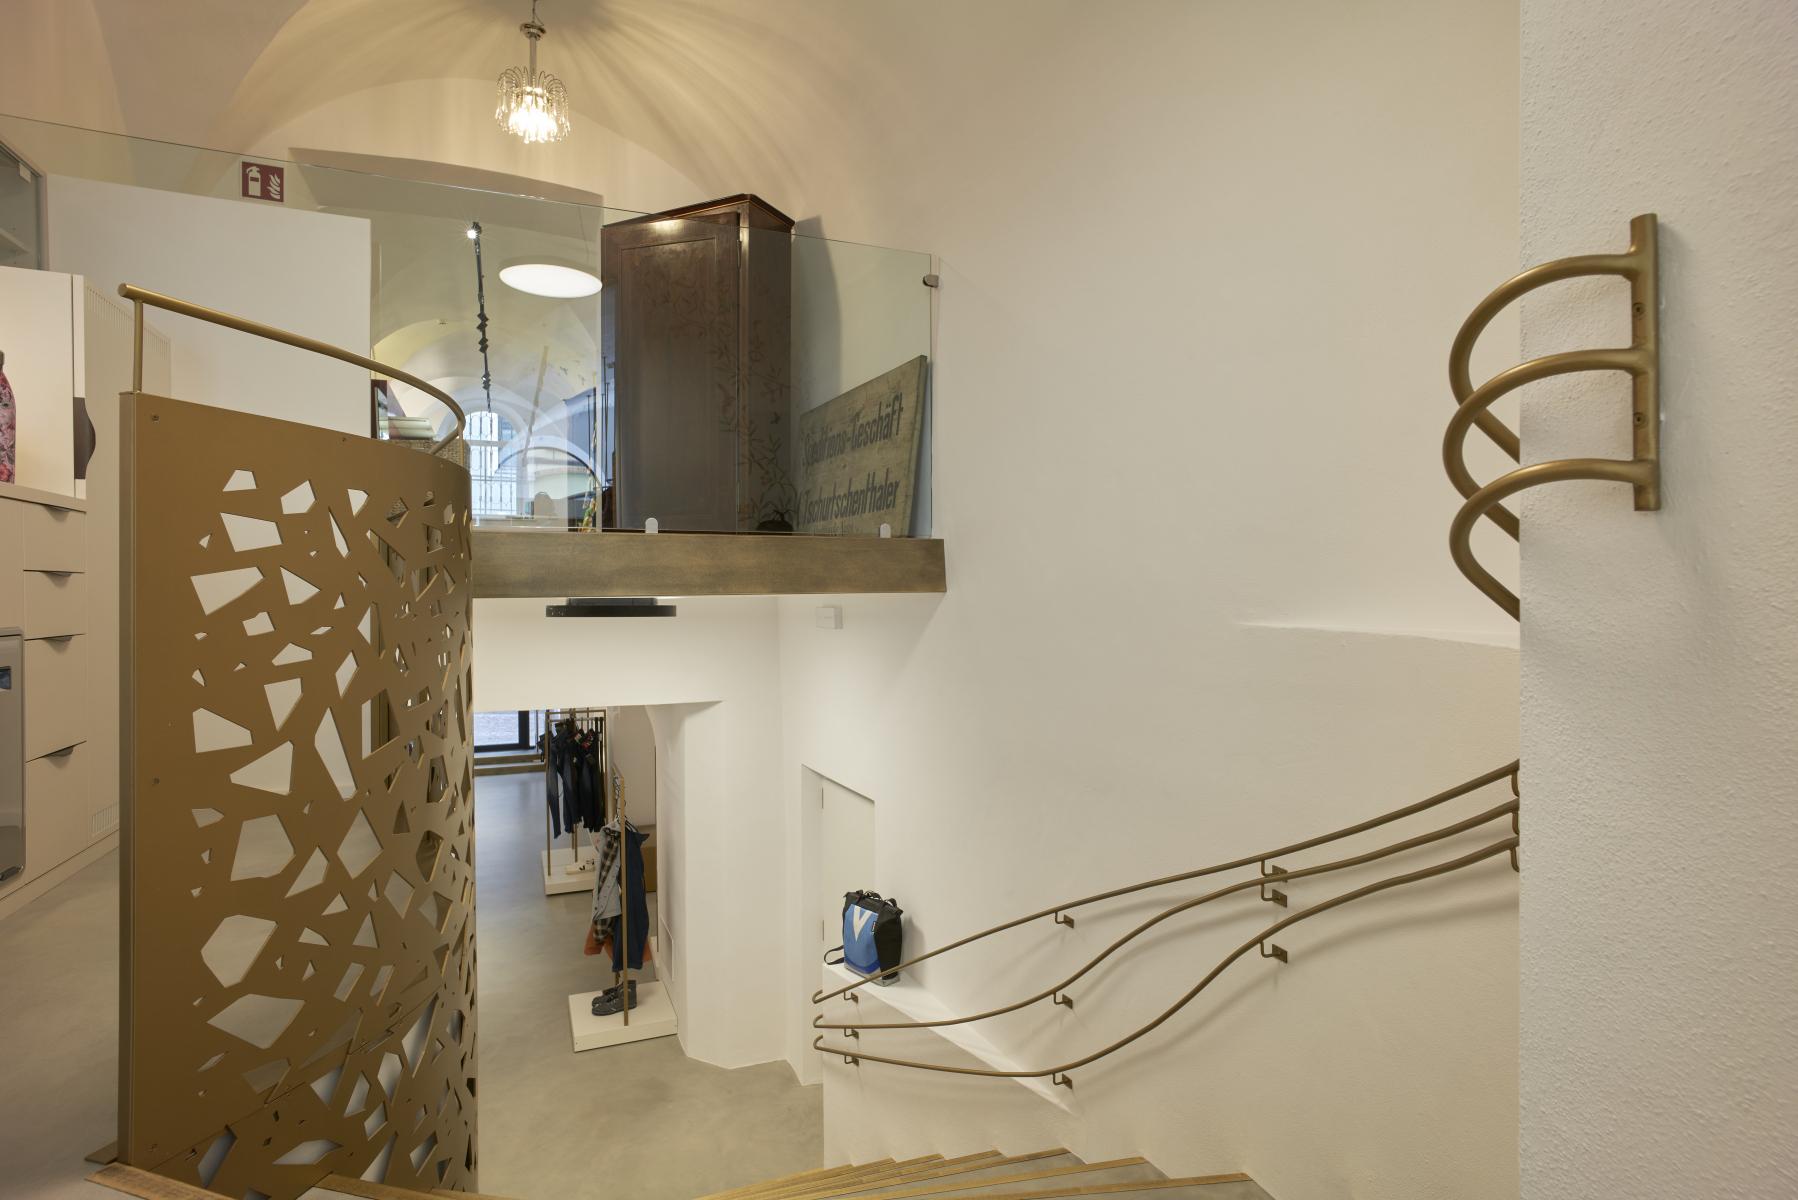 Mode_Tschurtschenthaler_Bruneck_interior_design17